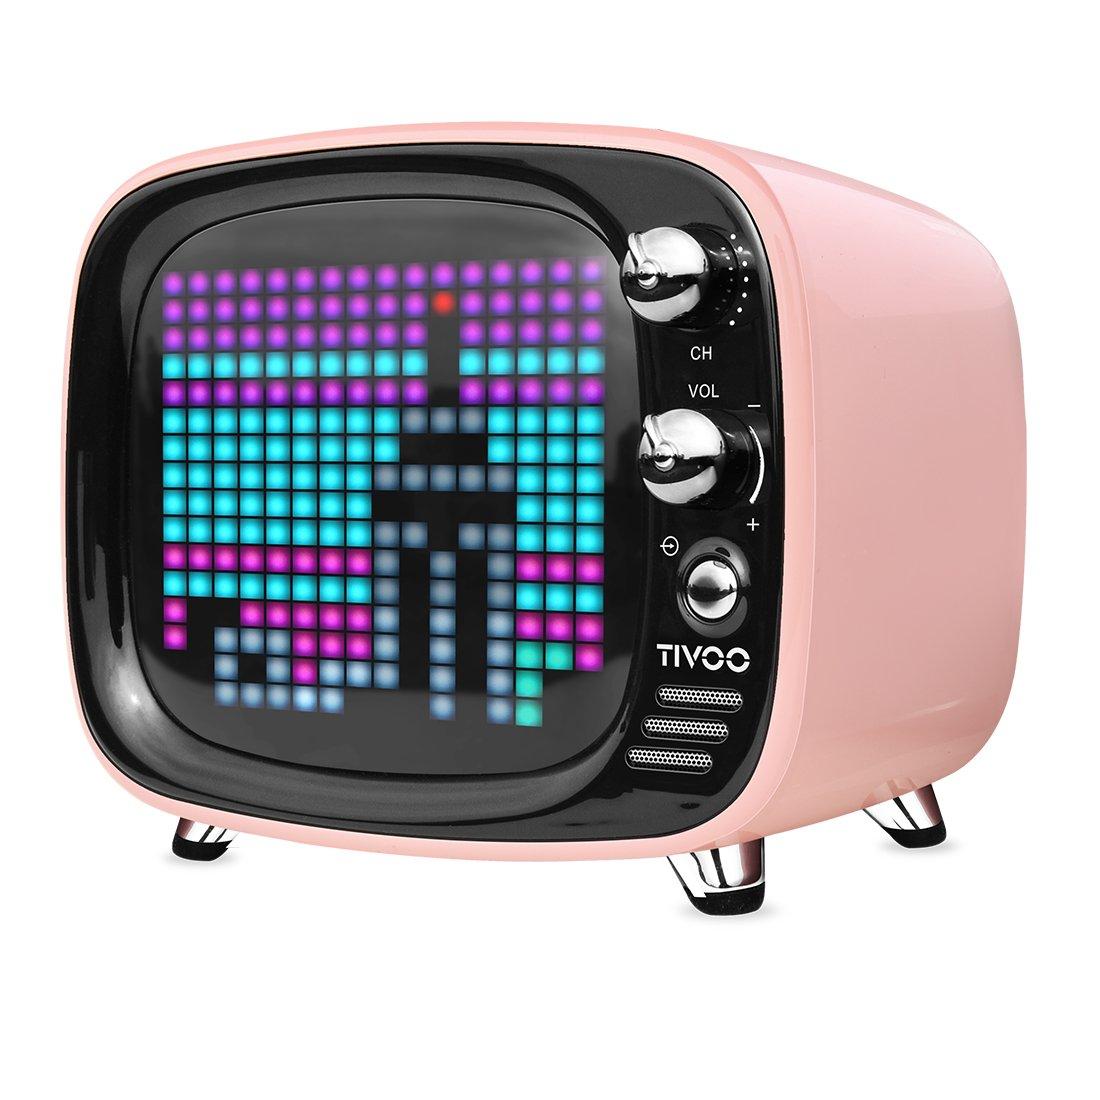 Divoom Tivoo - Altavoz portátil con Pantalla, Color Rosa: Amazon.es: Electrónica